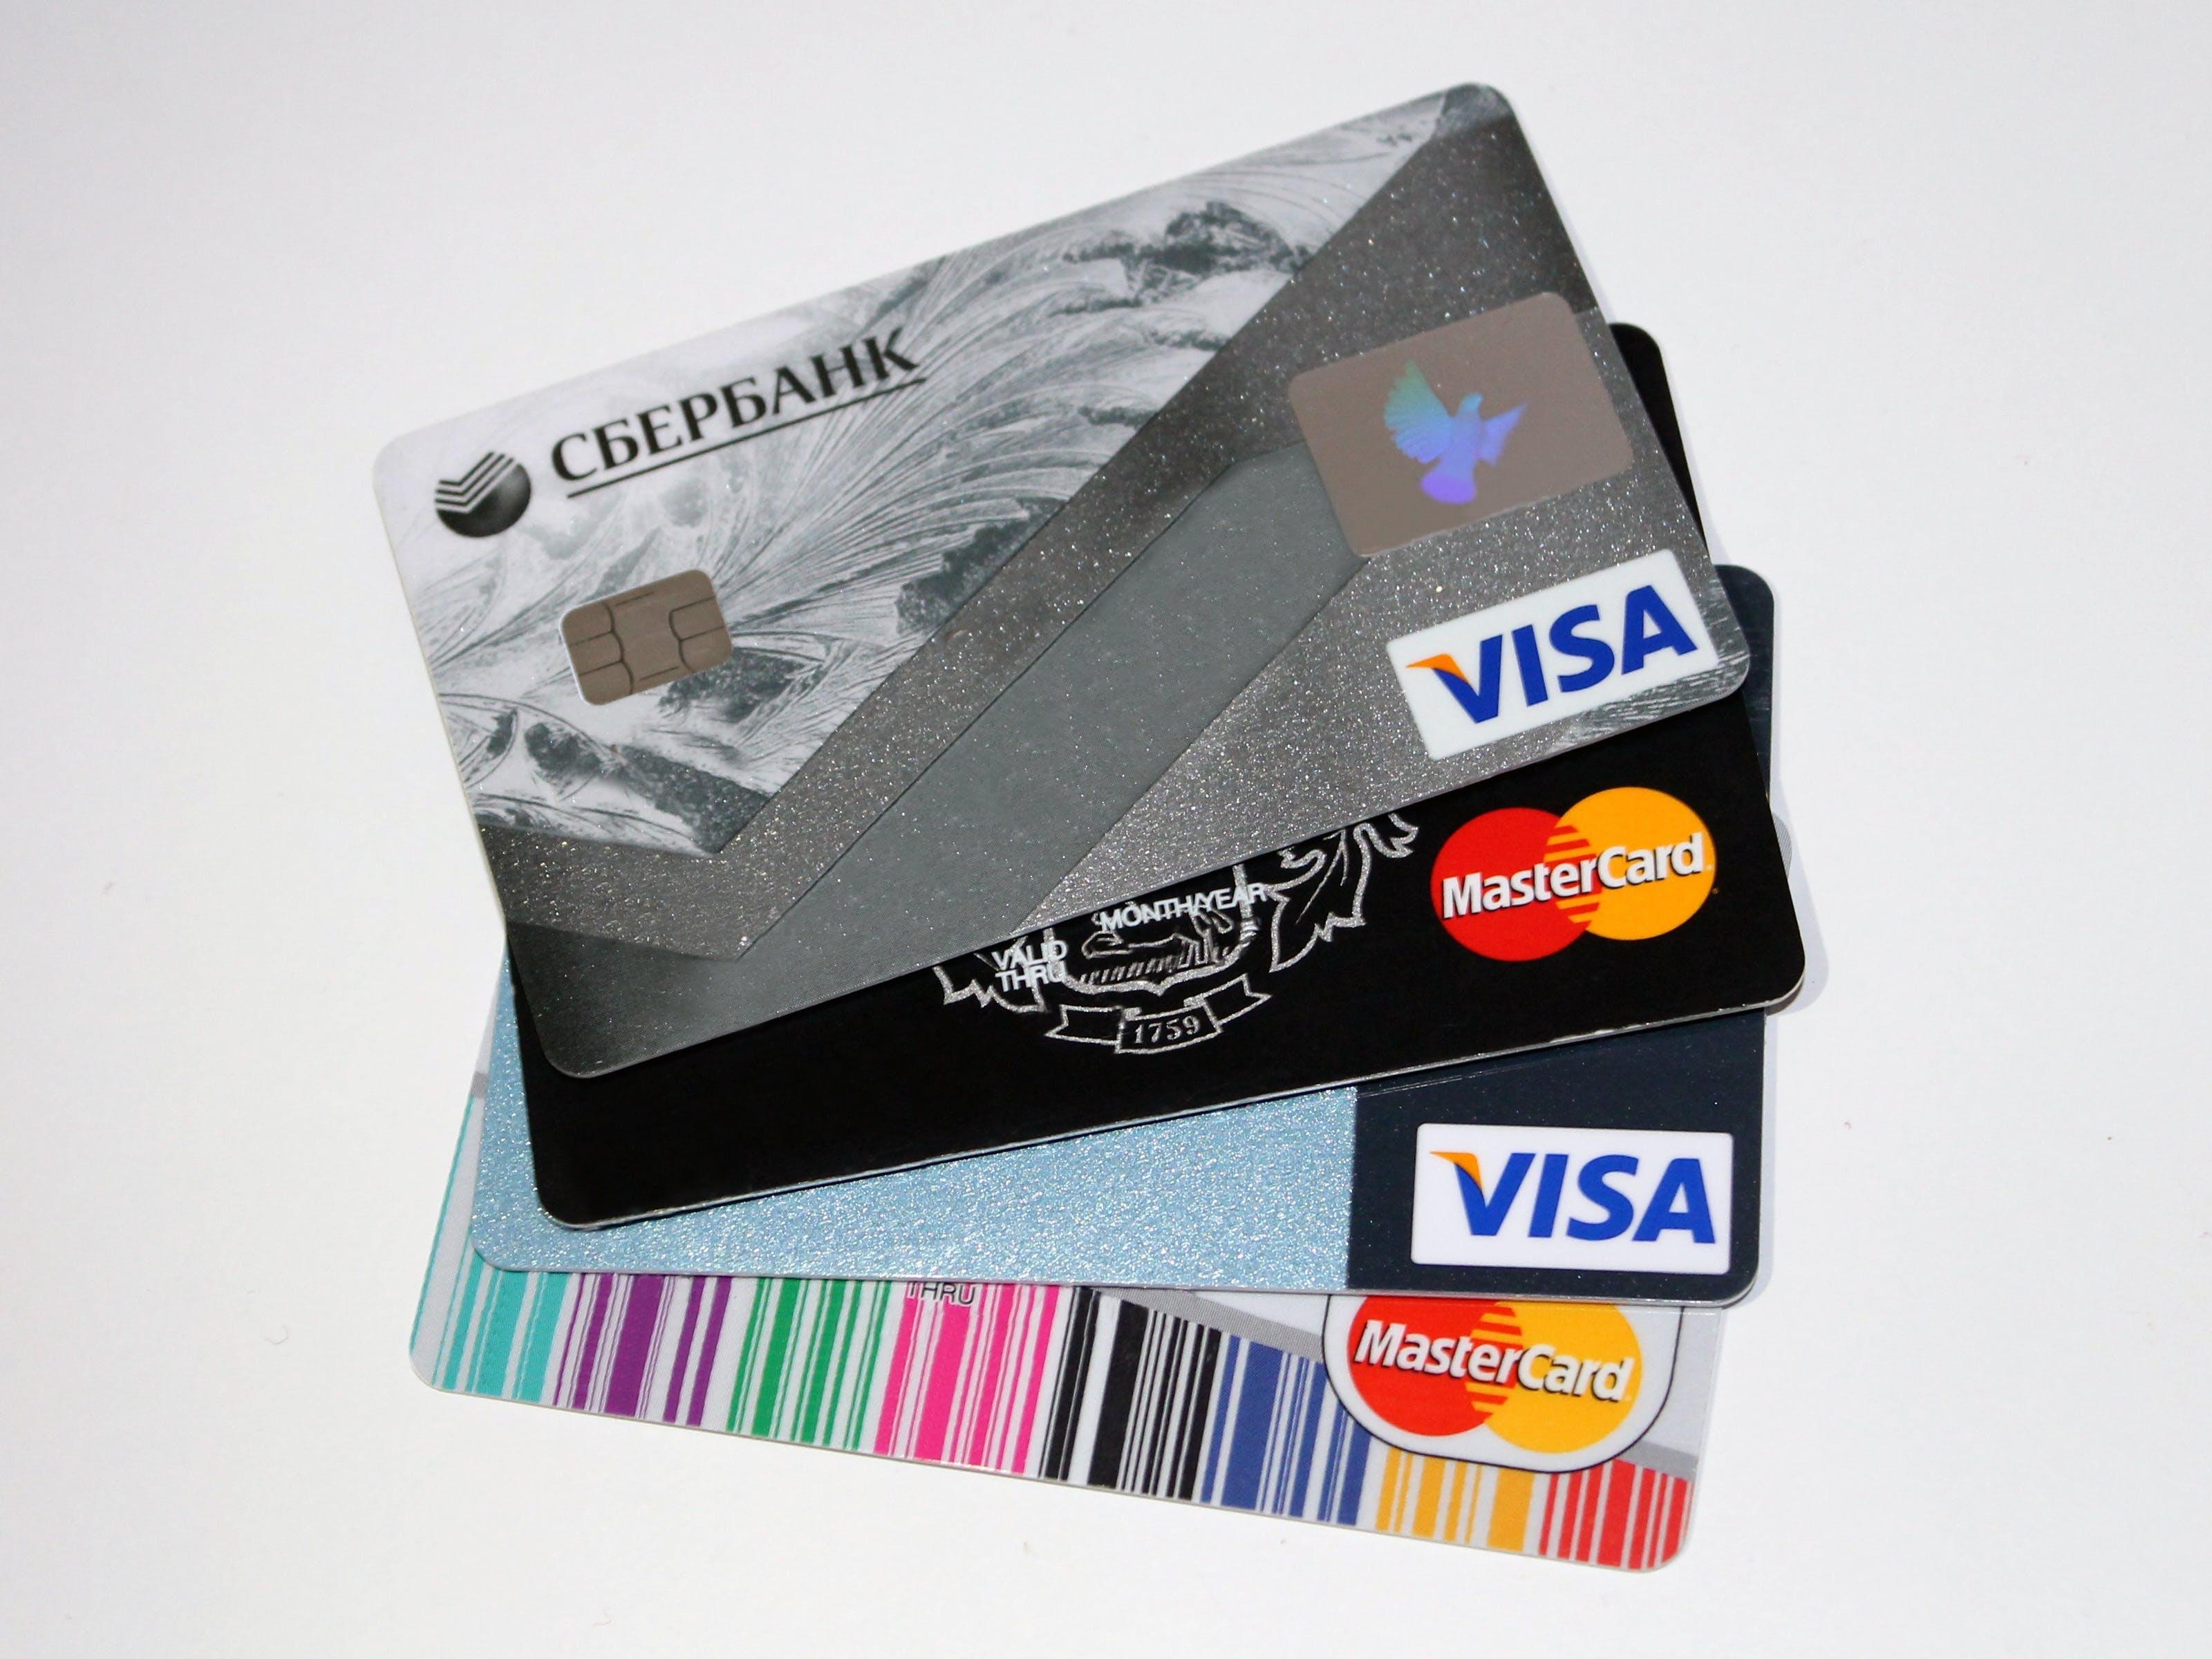 Fotos de stock gratuitas de ahorros, banca, banco, cartas